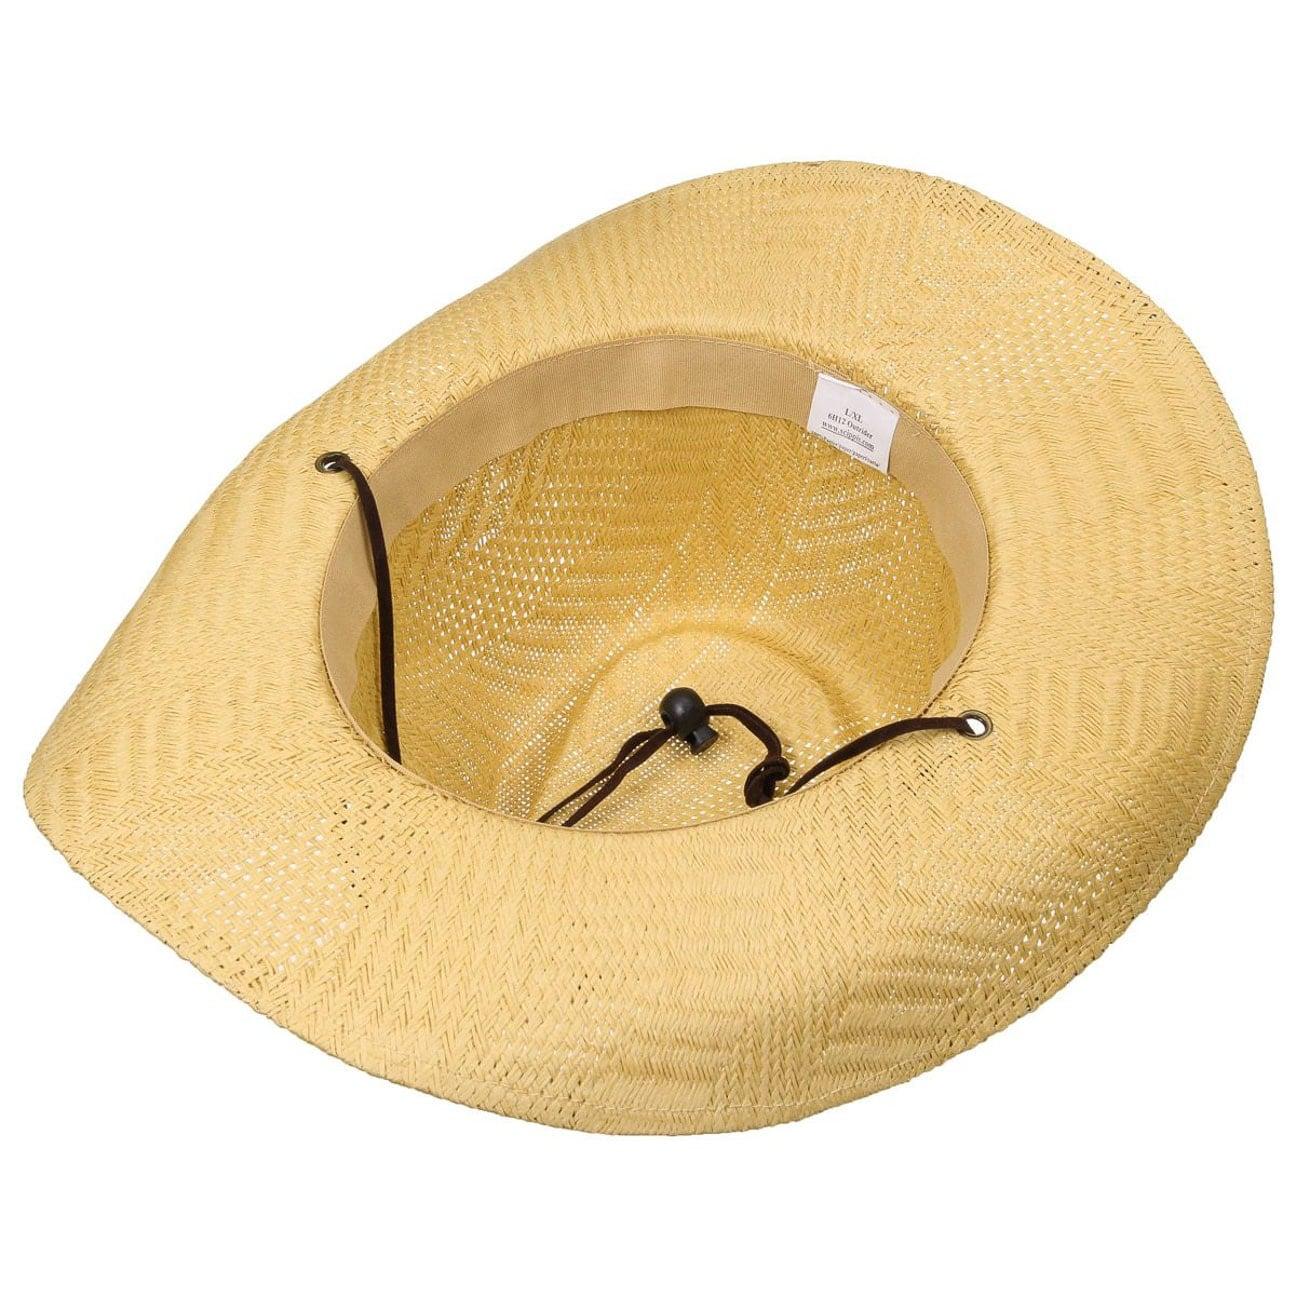 Sombrero de Paja Outrider by Scippis - Sombreros - sombreroshop.es 73c19147b4d